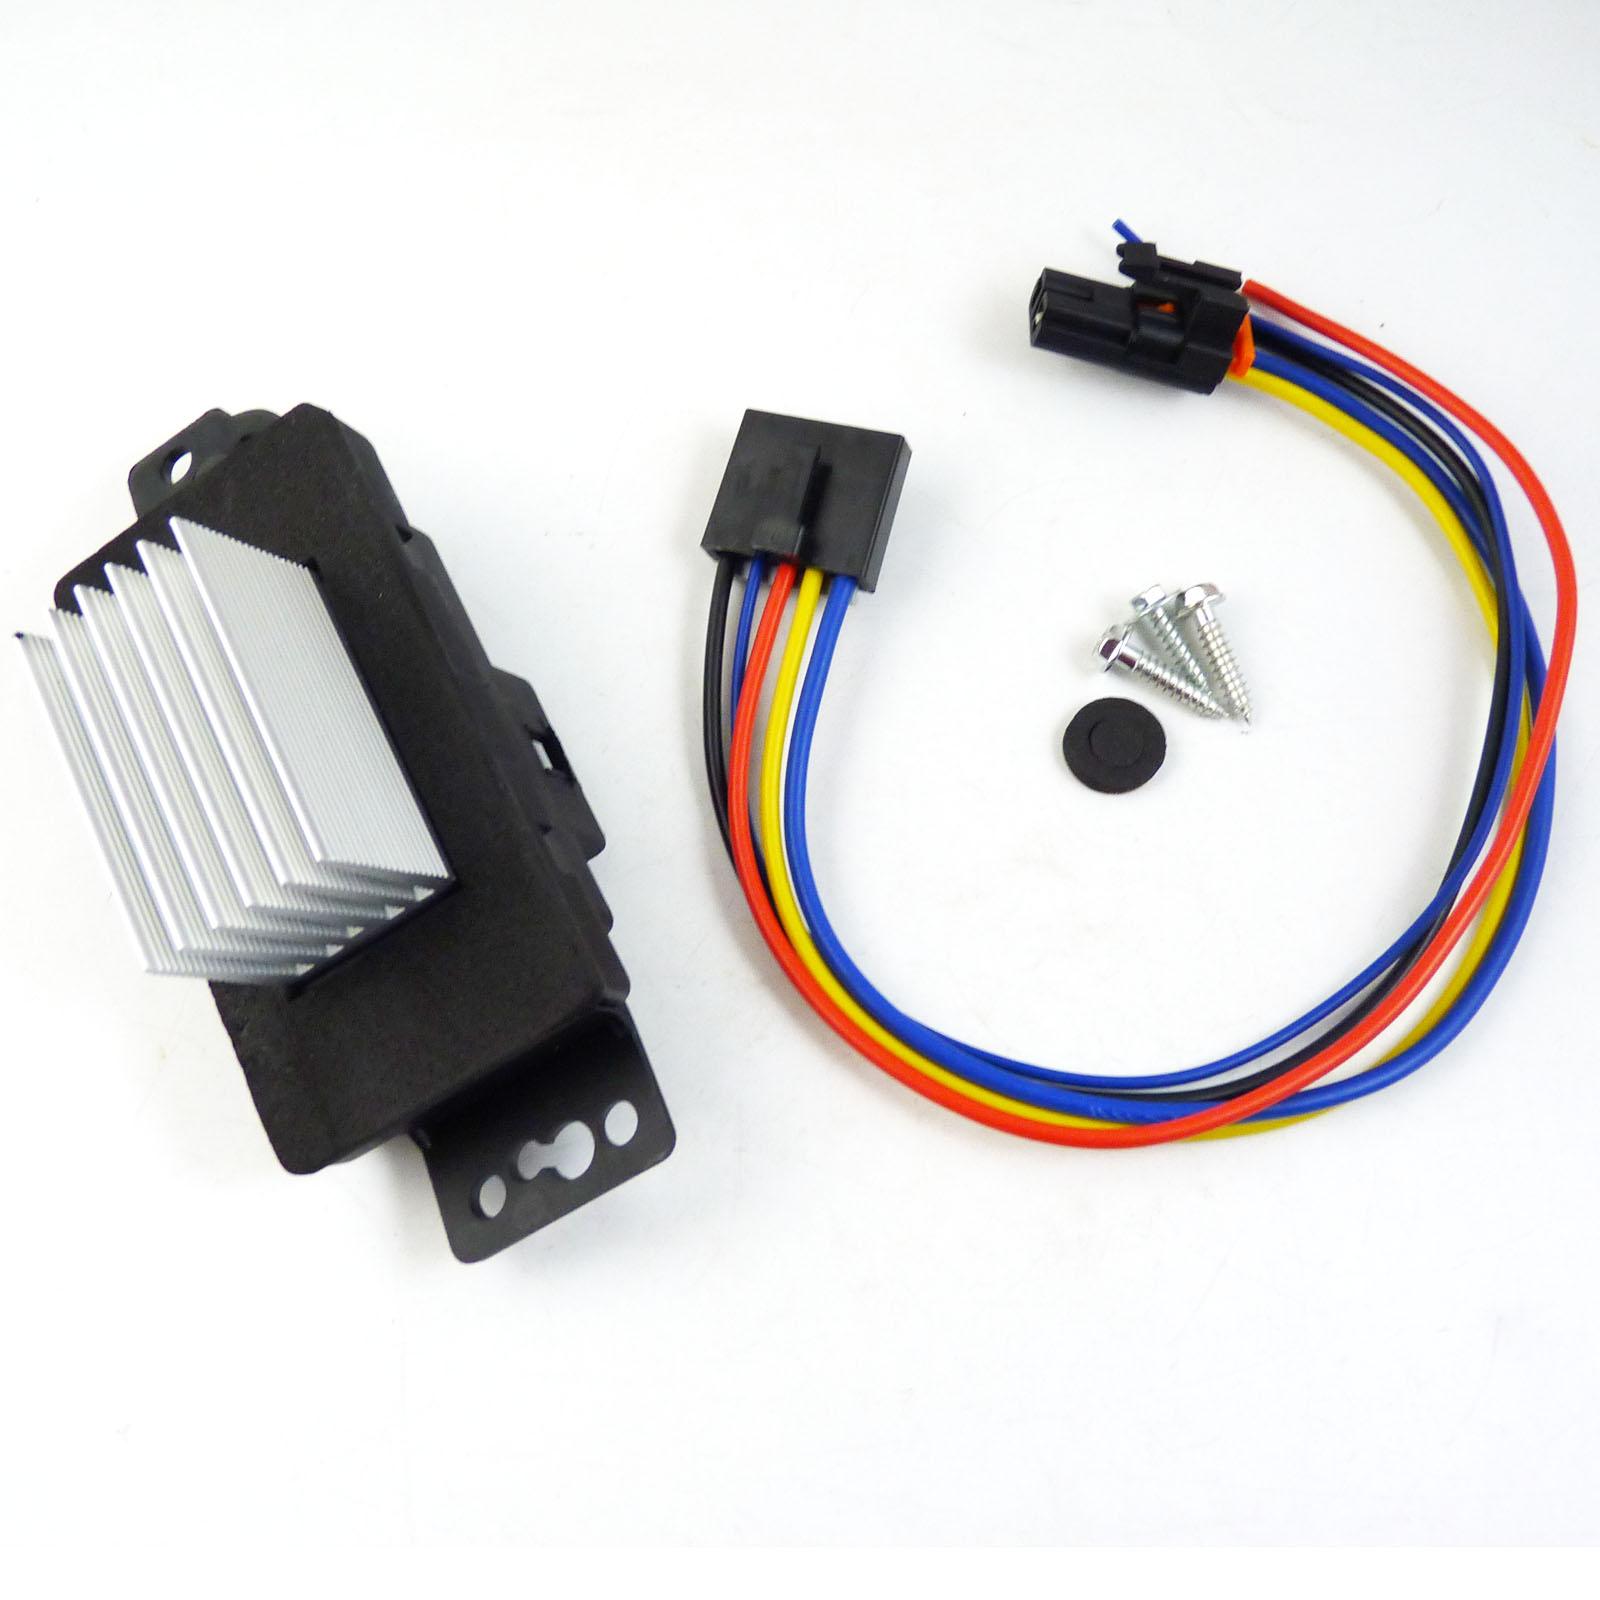 Chevy Impala Blower Motor Resistor: HVAC Blower Motor Resistor Kit For Pontiac Chevrolet